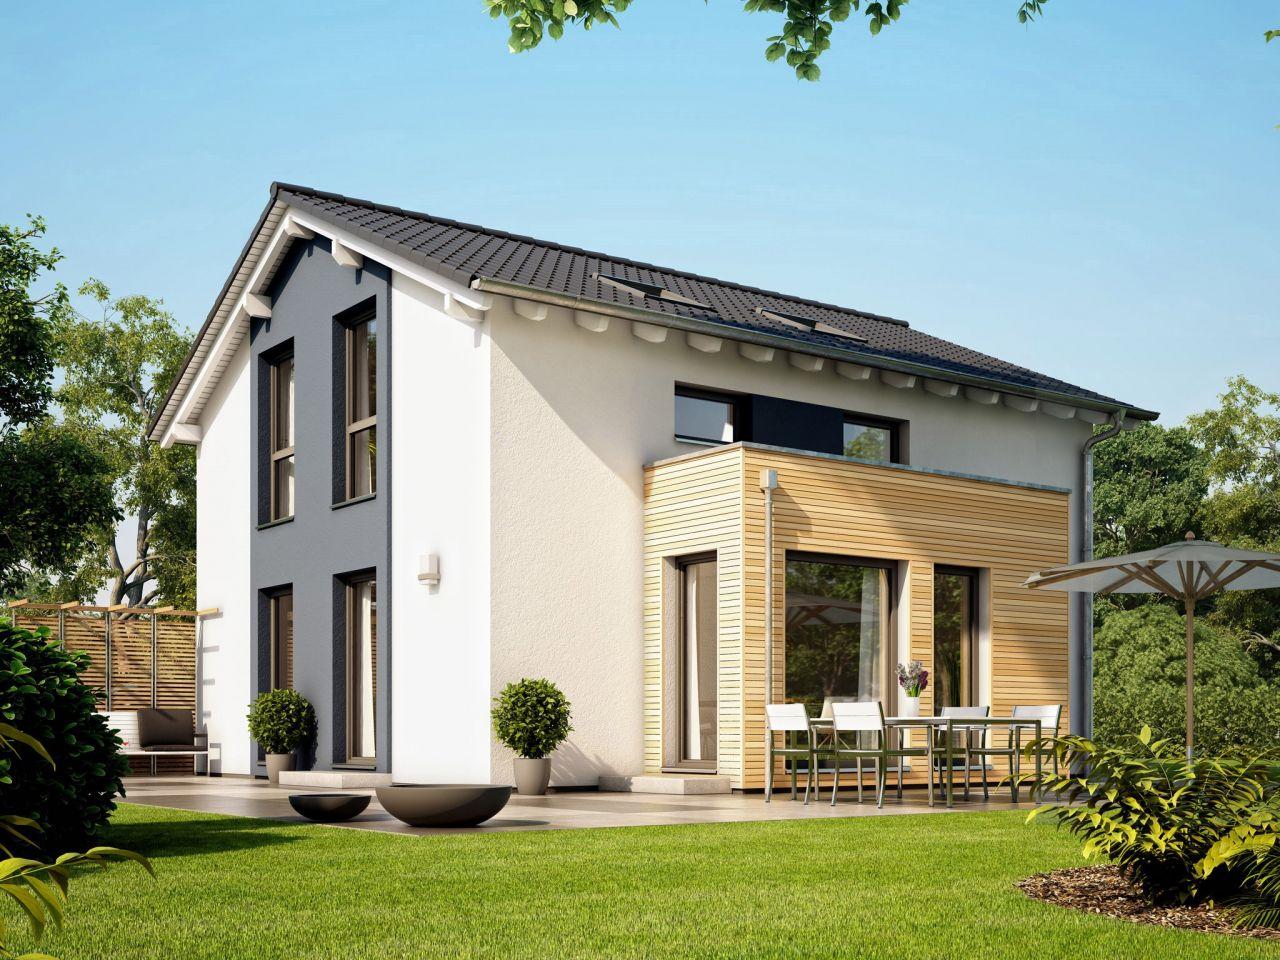 Sunshine 113 als Energieeffizienzhaus 55, Einfamilienhaus in guter Lage incl. Grundstück